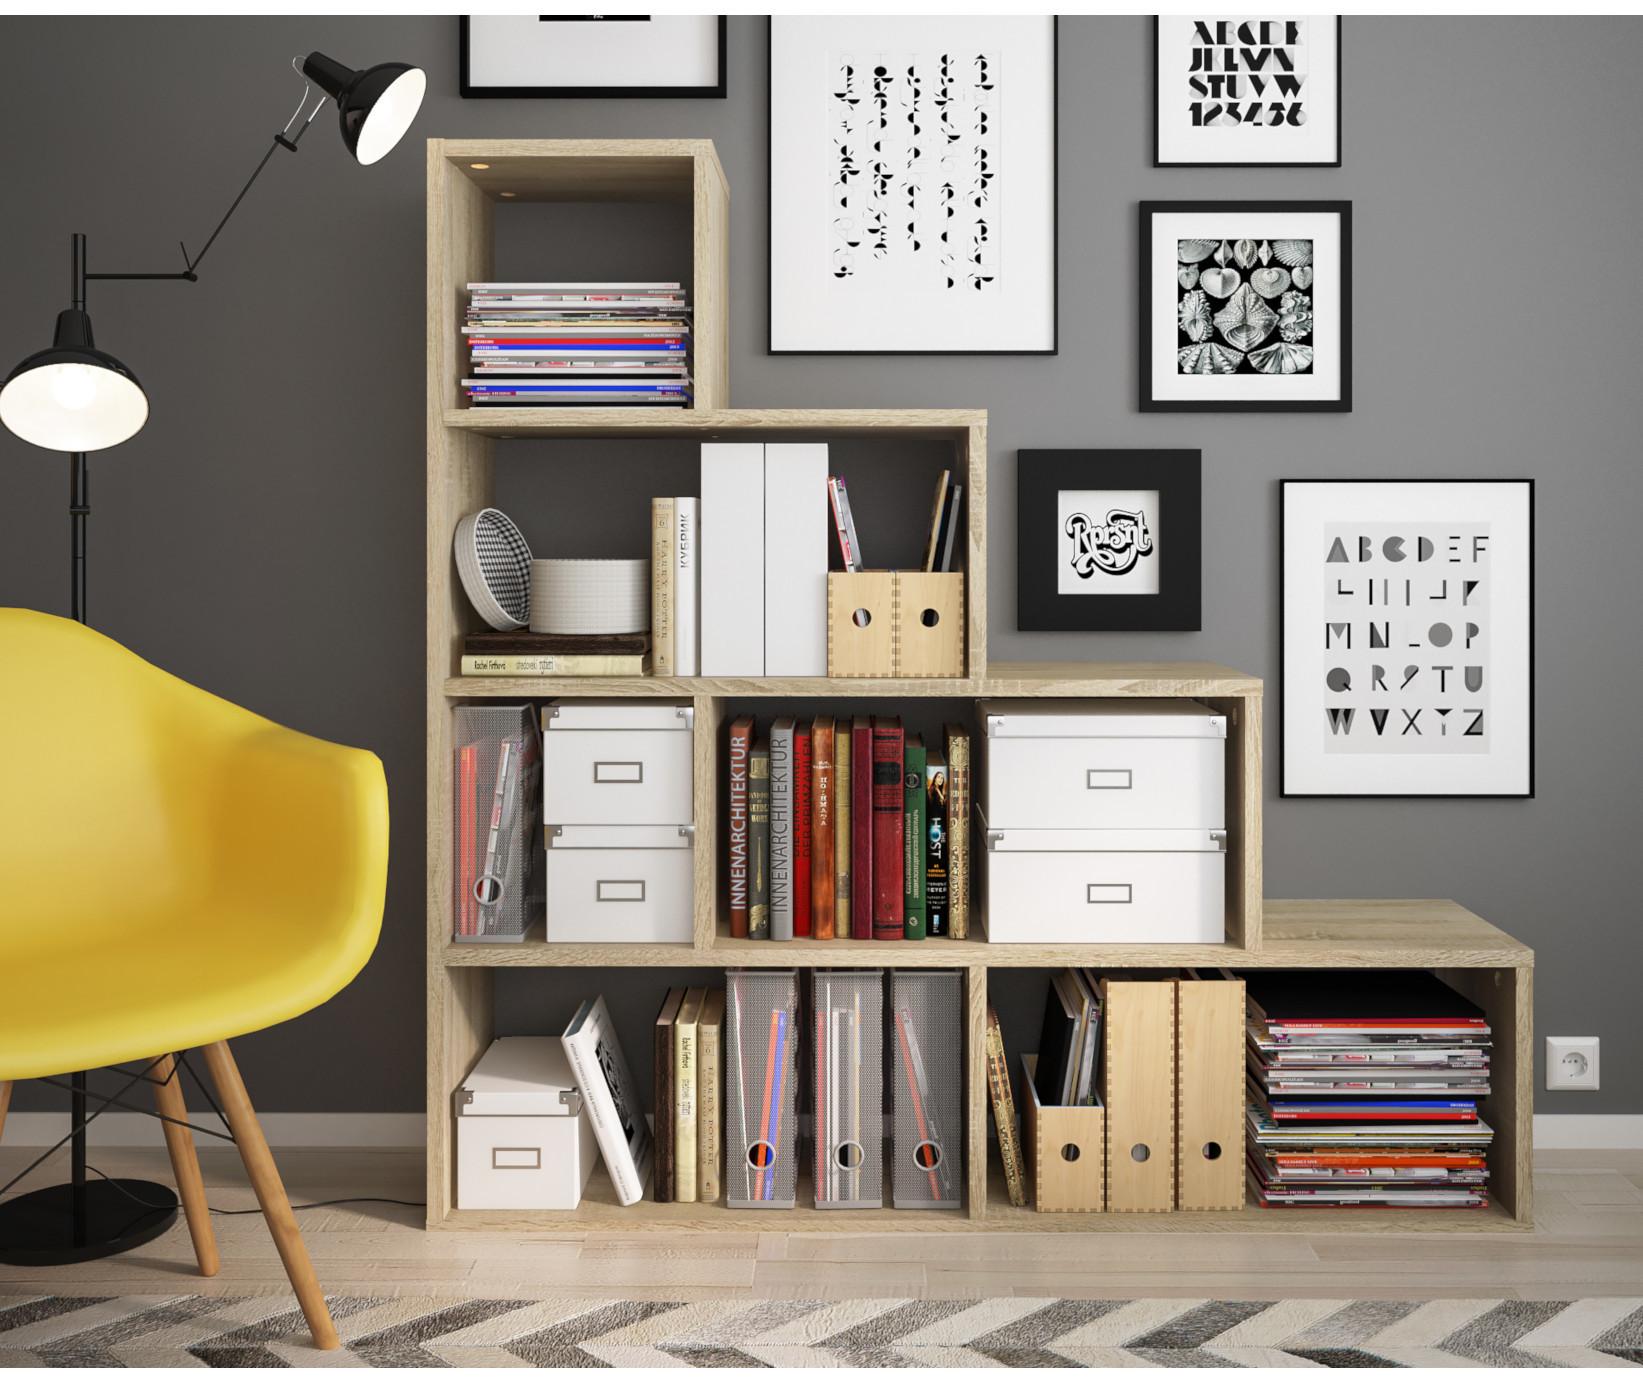 Domowa Biblioteka Pomysły Na Przechowywanie Książek I